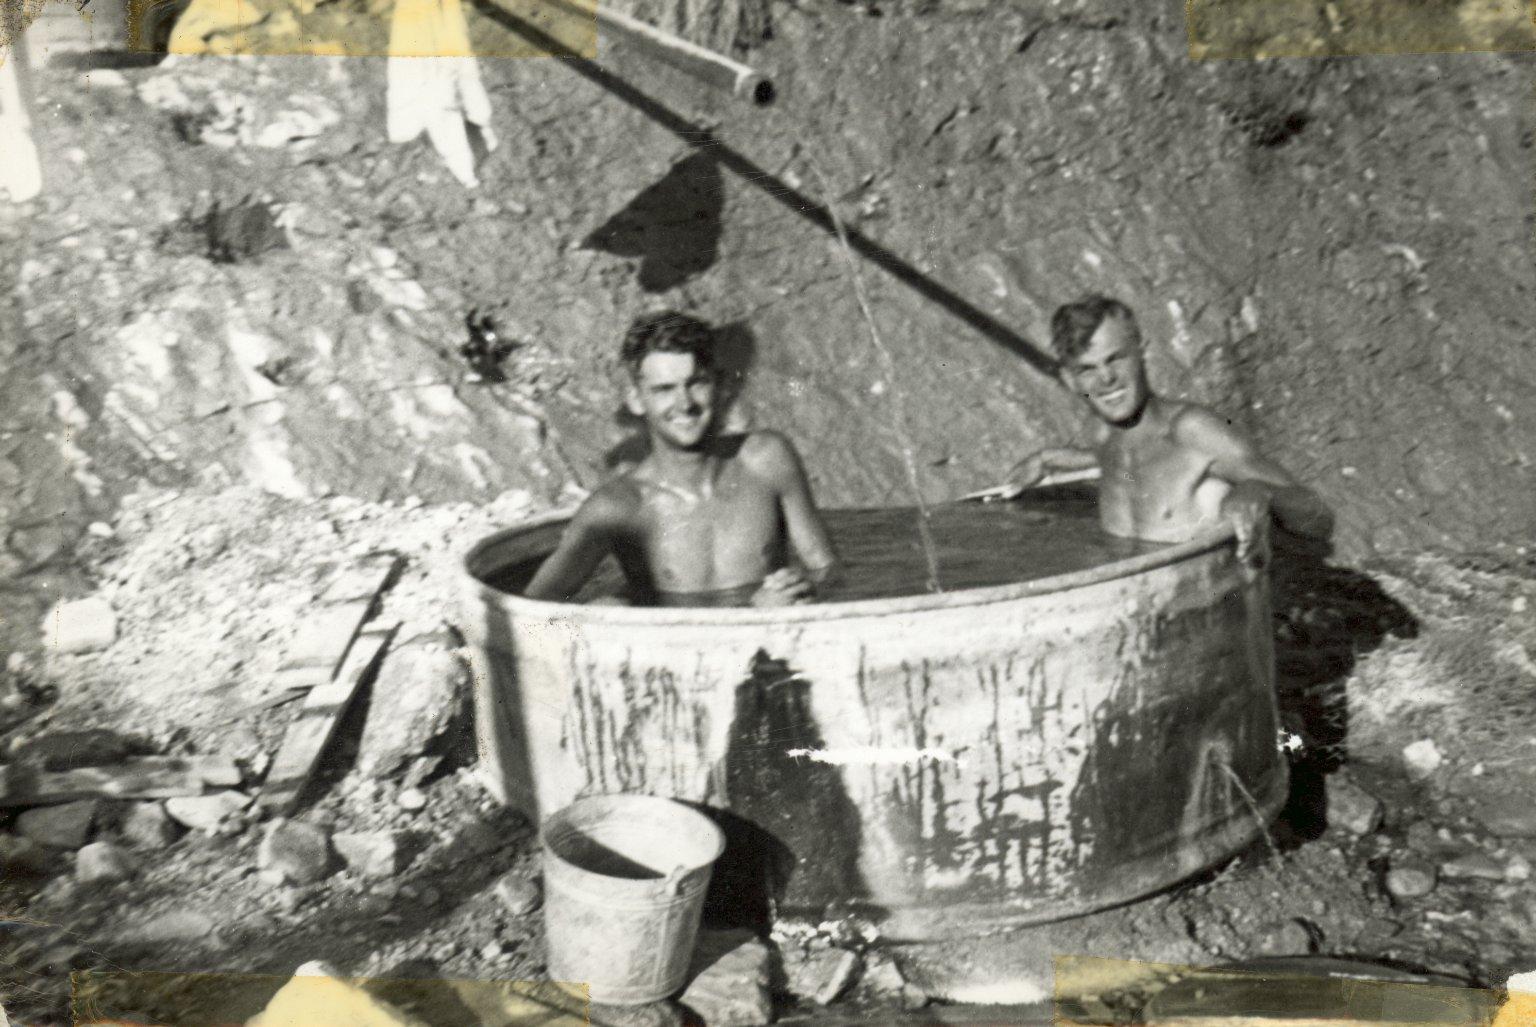 Crew bathing in washtub